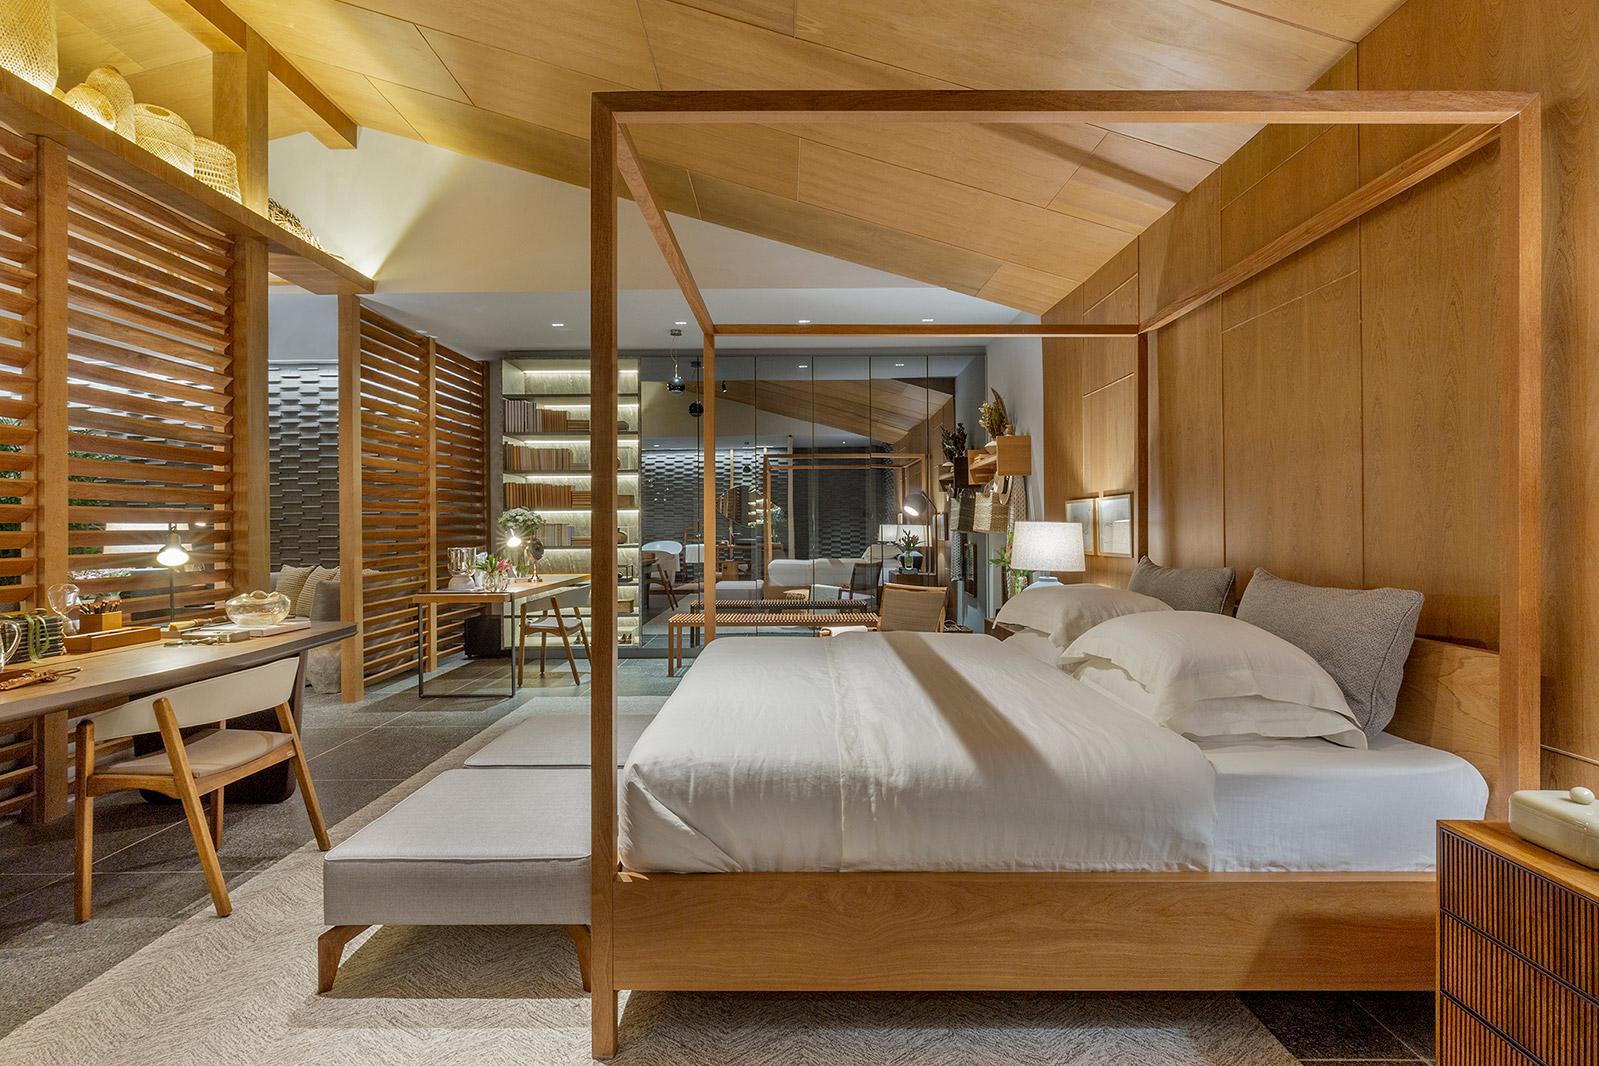 Nando Nunes Casa Cinza Cerrado CASACOR Goias 2021 cozinha loft madeira iluminação